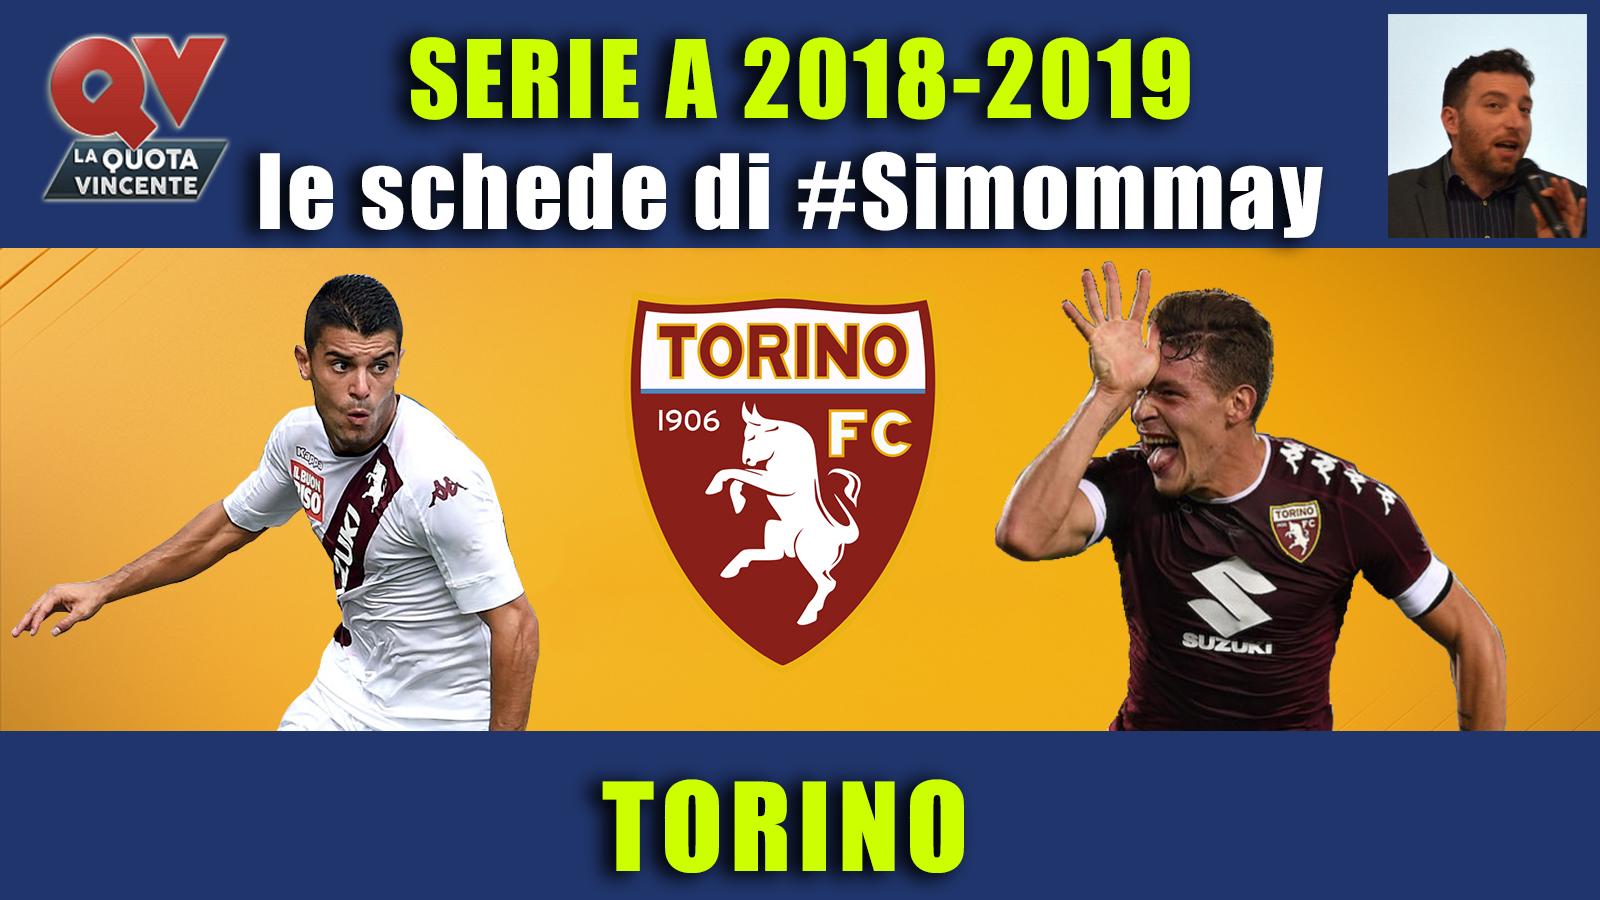 Guida Serie A 2018-2019 TORINO: i granata a caccia di Europa